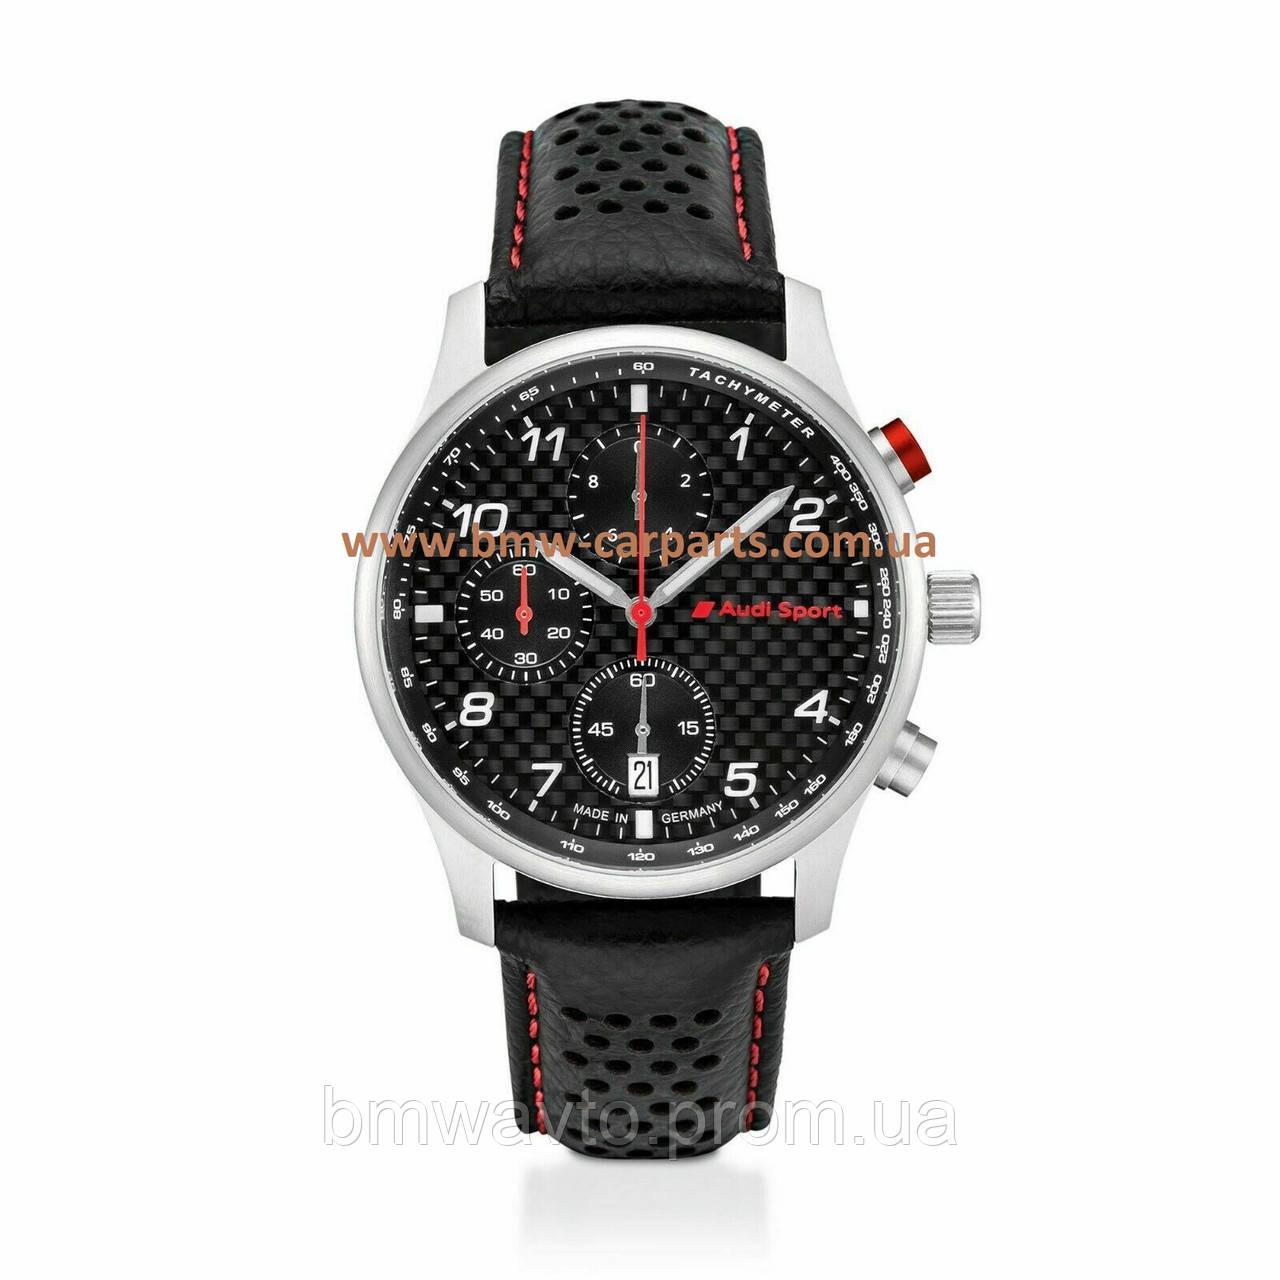 Чоловічі наручні годинники хронограф Audi Sport Chronograph Carbon 2019